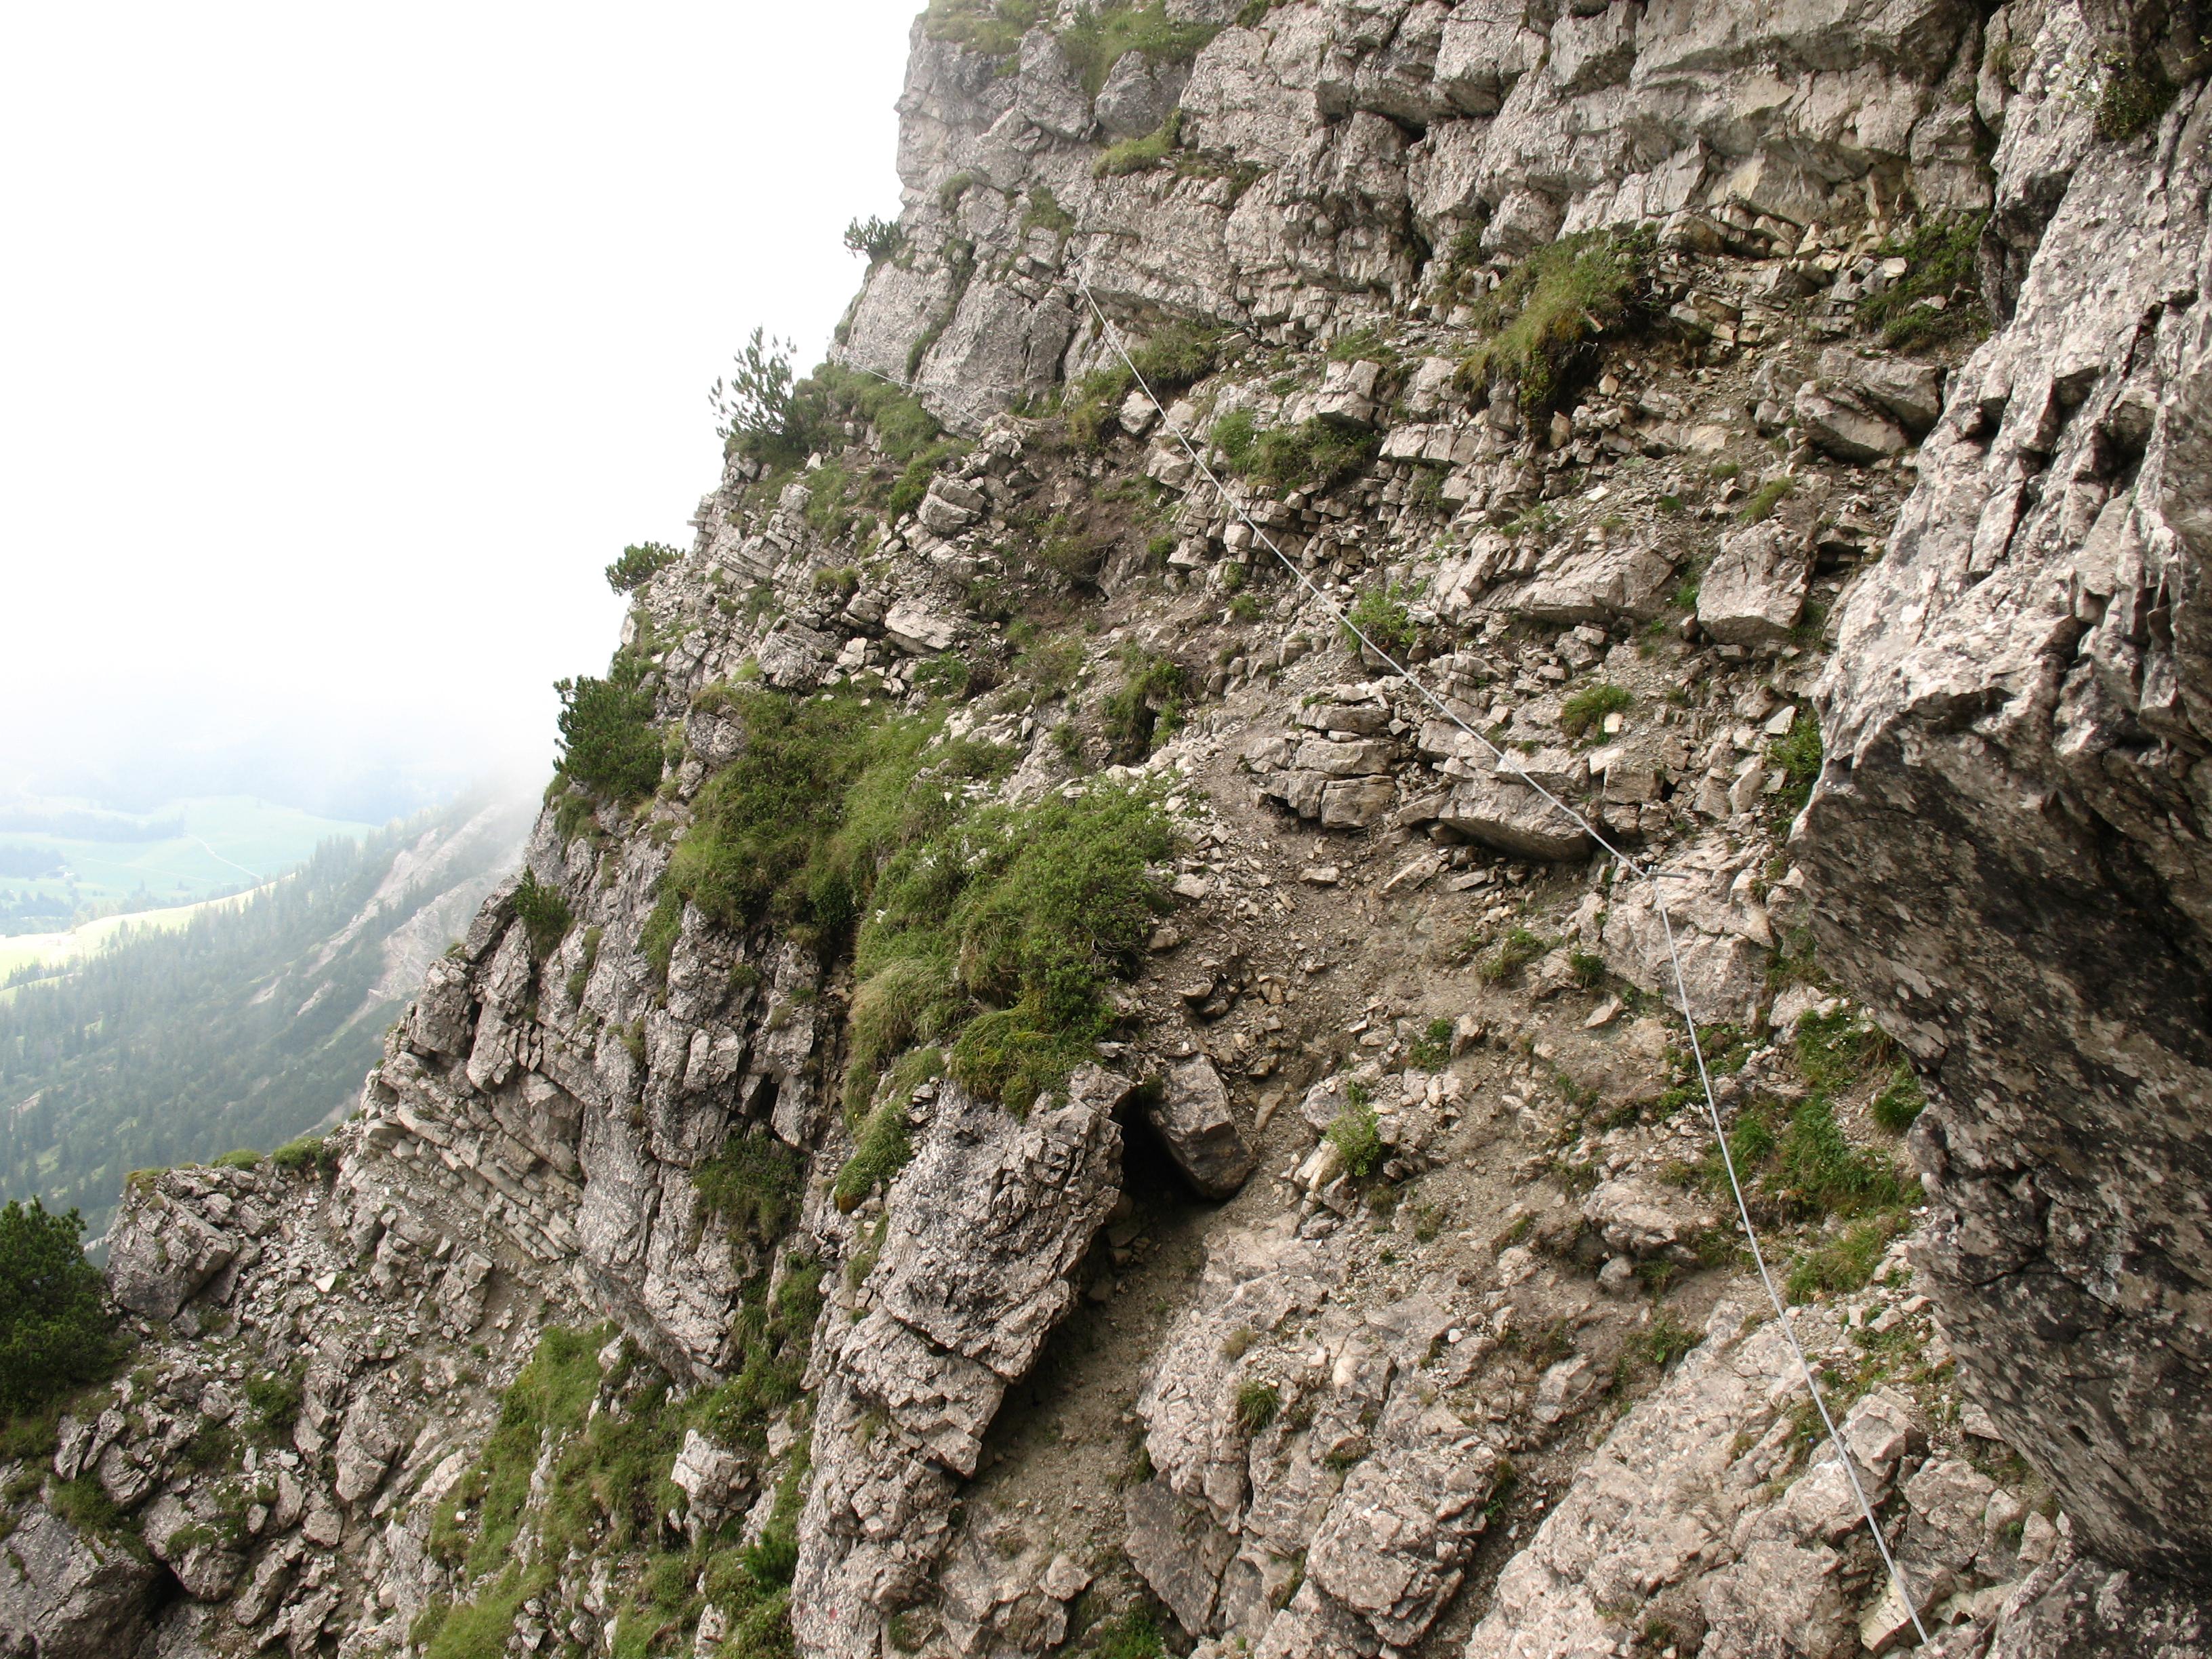 Klettersteig Iseler : Feierabend im allgäu über den salewa klettersteig c auf